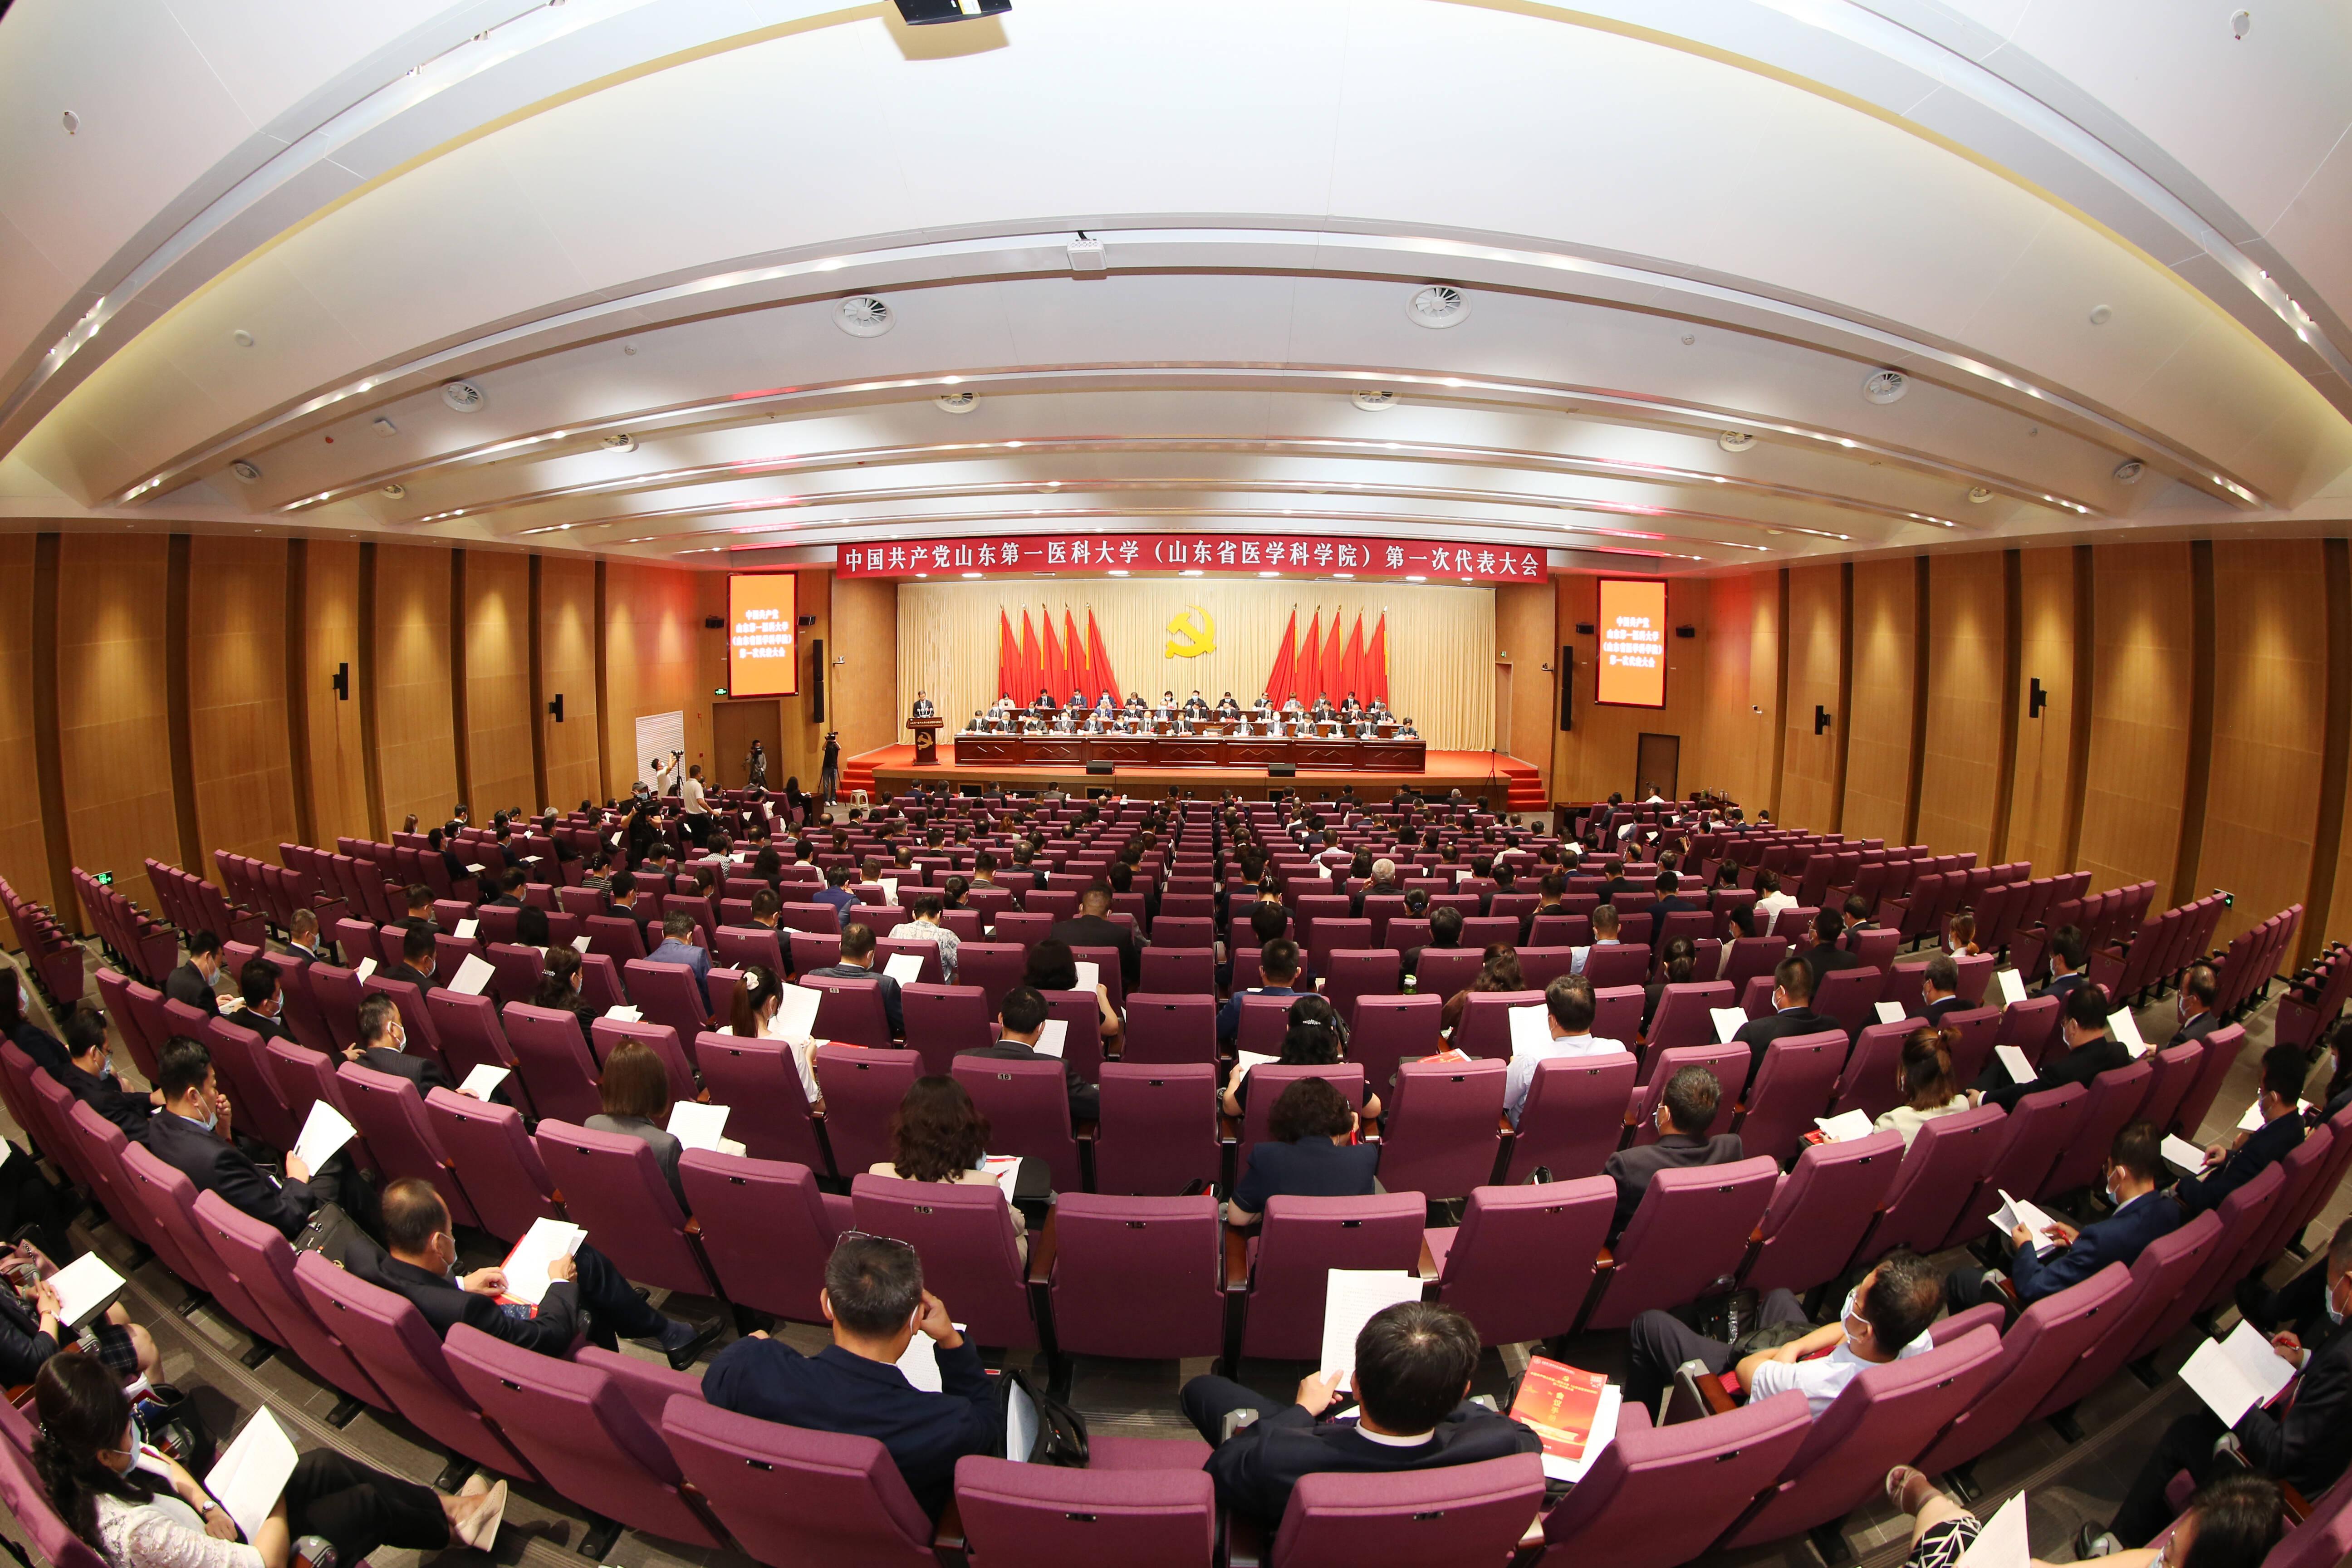 山东第一医科大学(山东省医学科学院):为建成国内领先、国际上有重要影响的应用研究型一流大学而努力奋斗